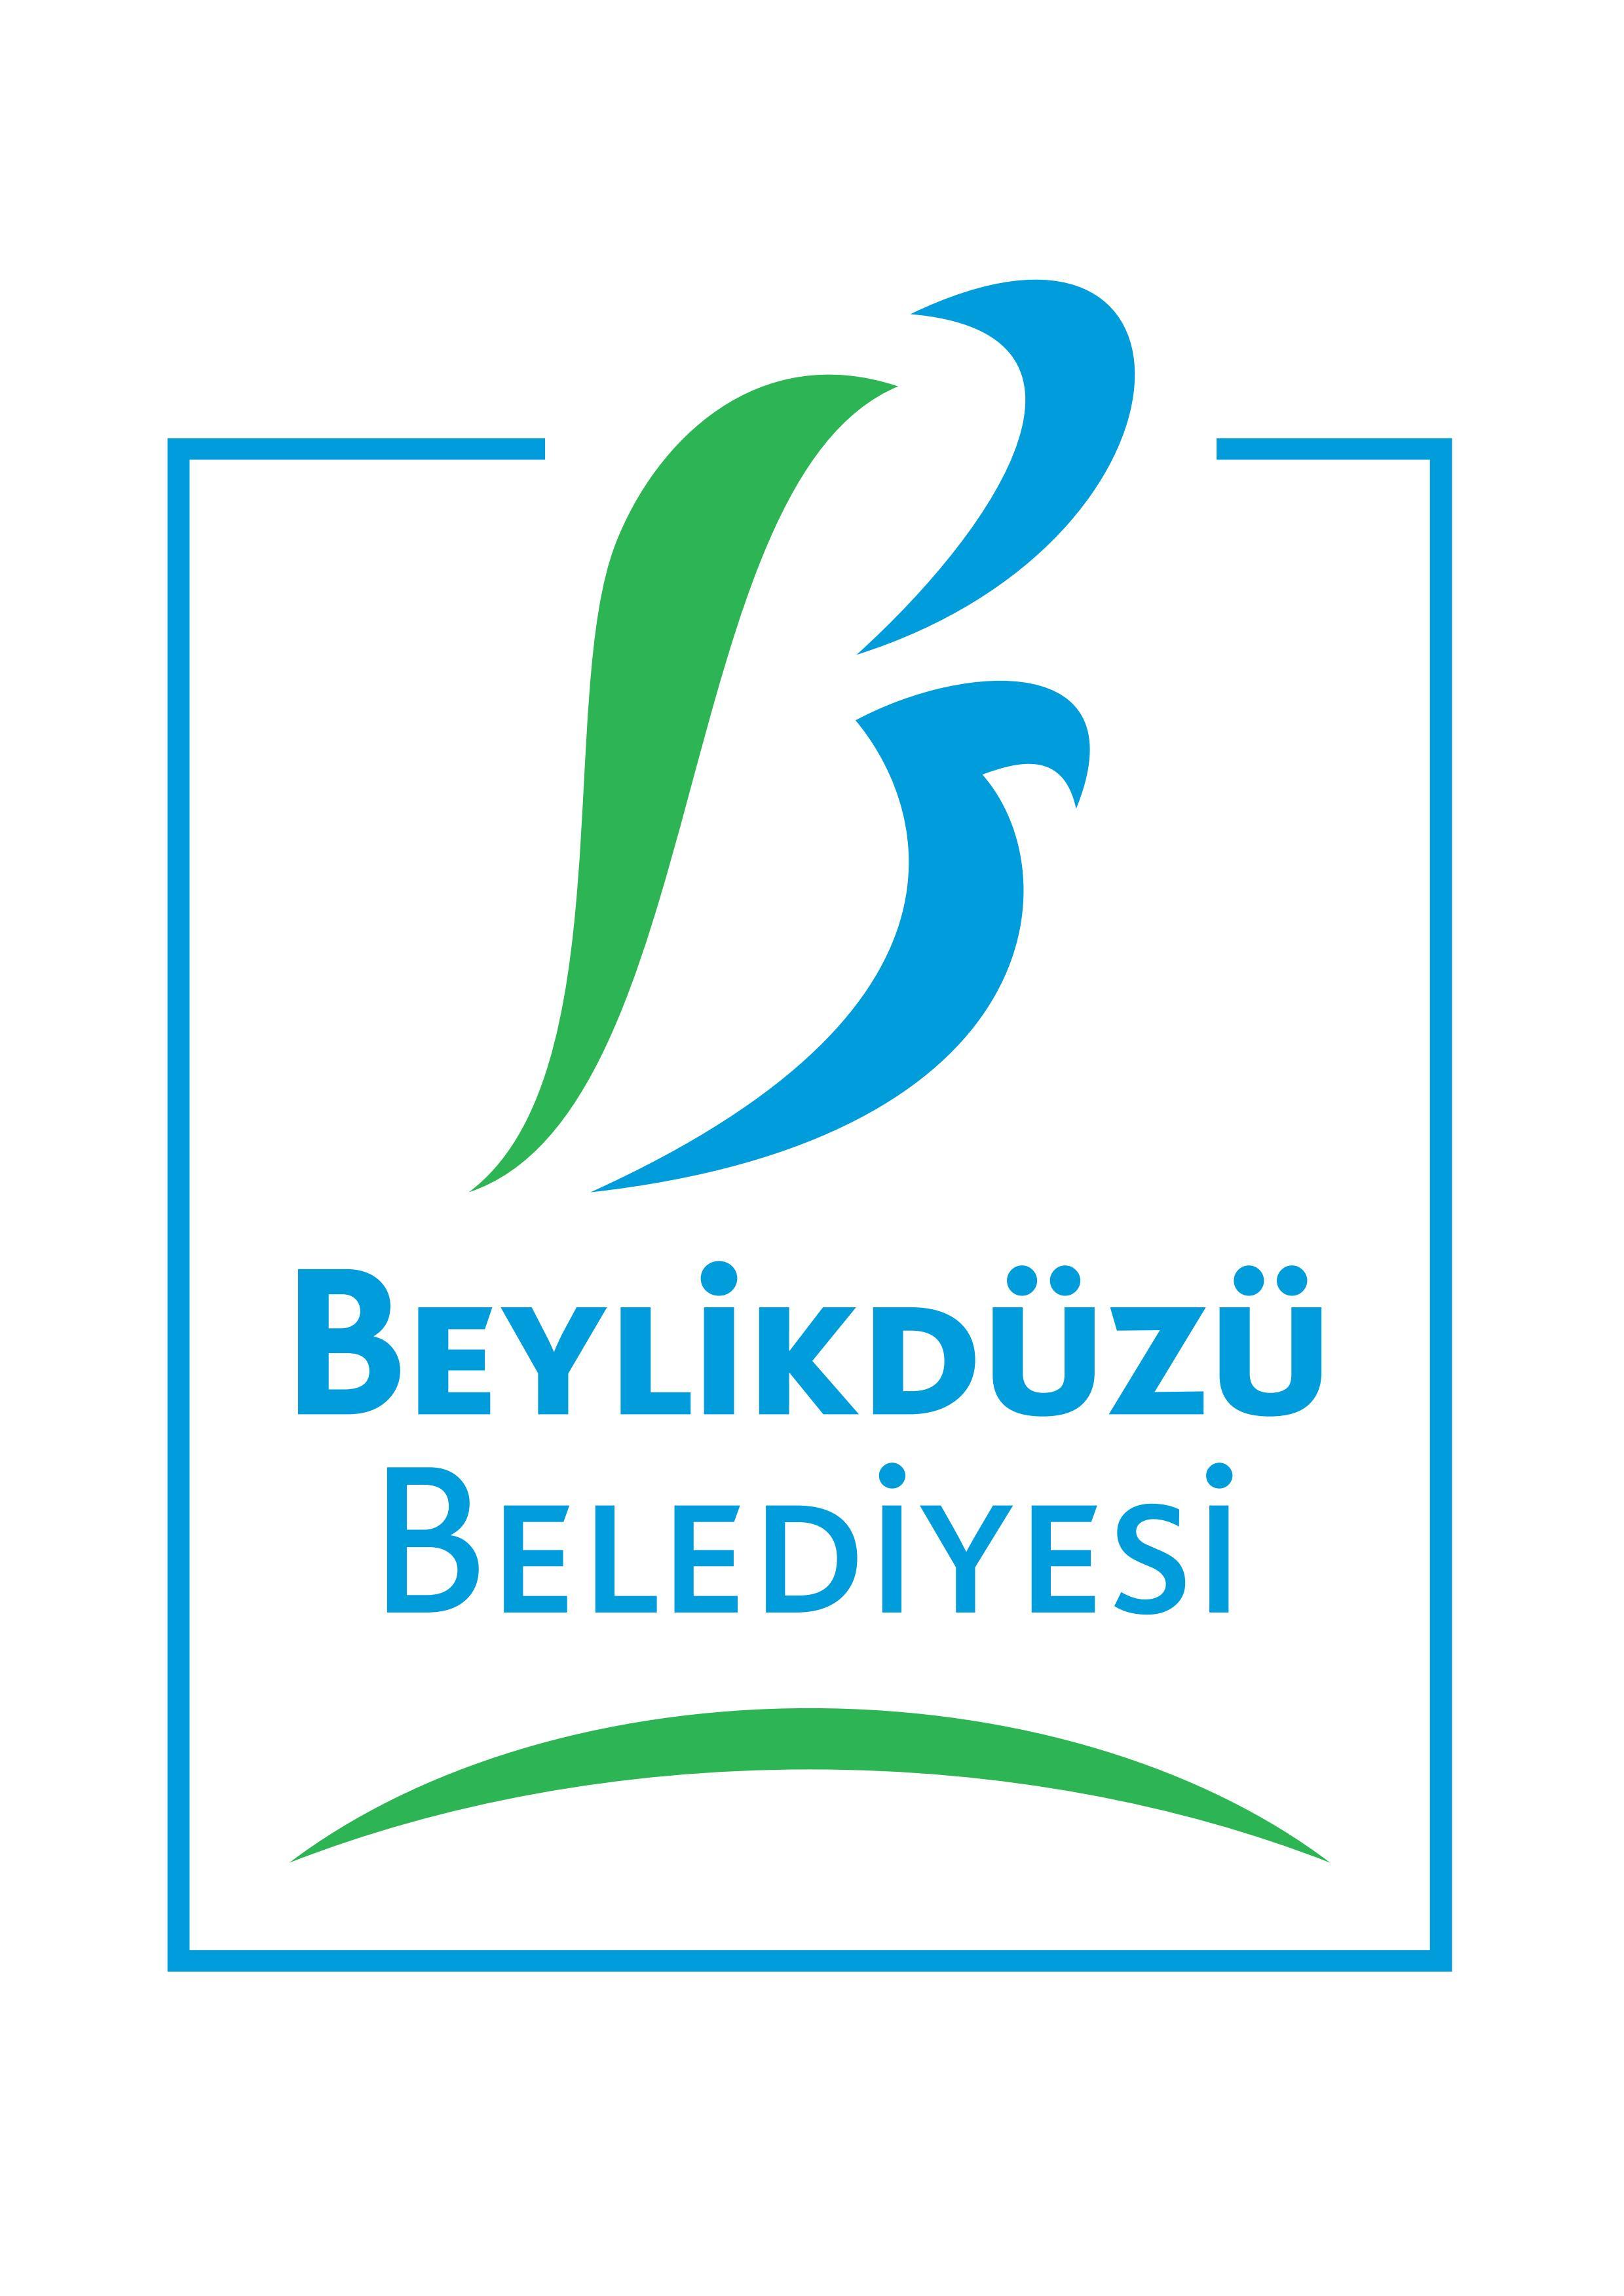 Beylikdüzü Belediyesi Logo png